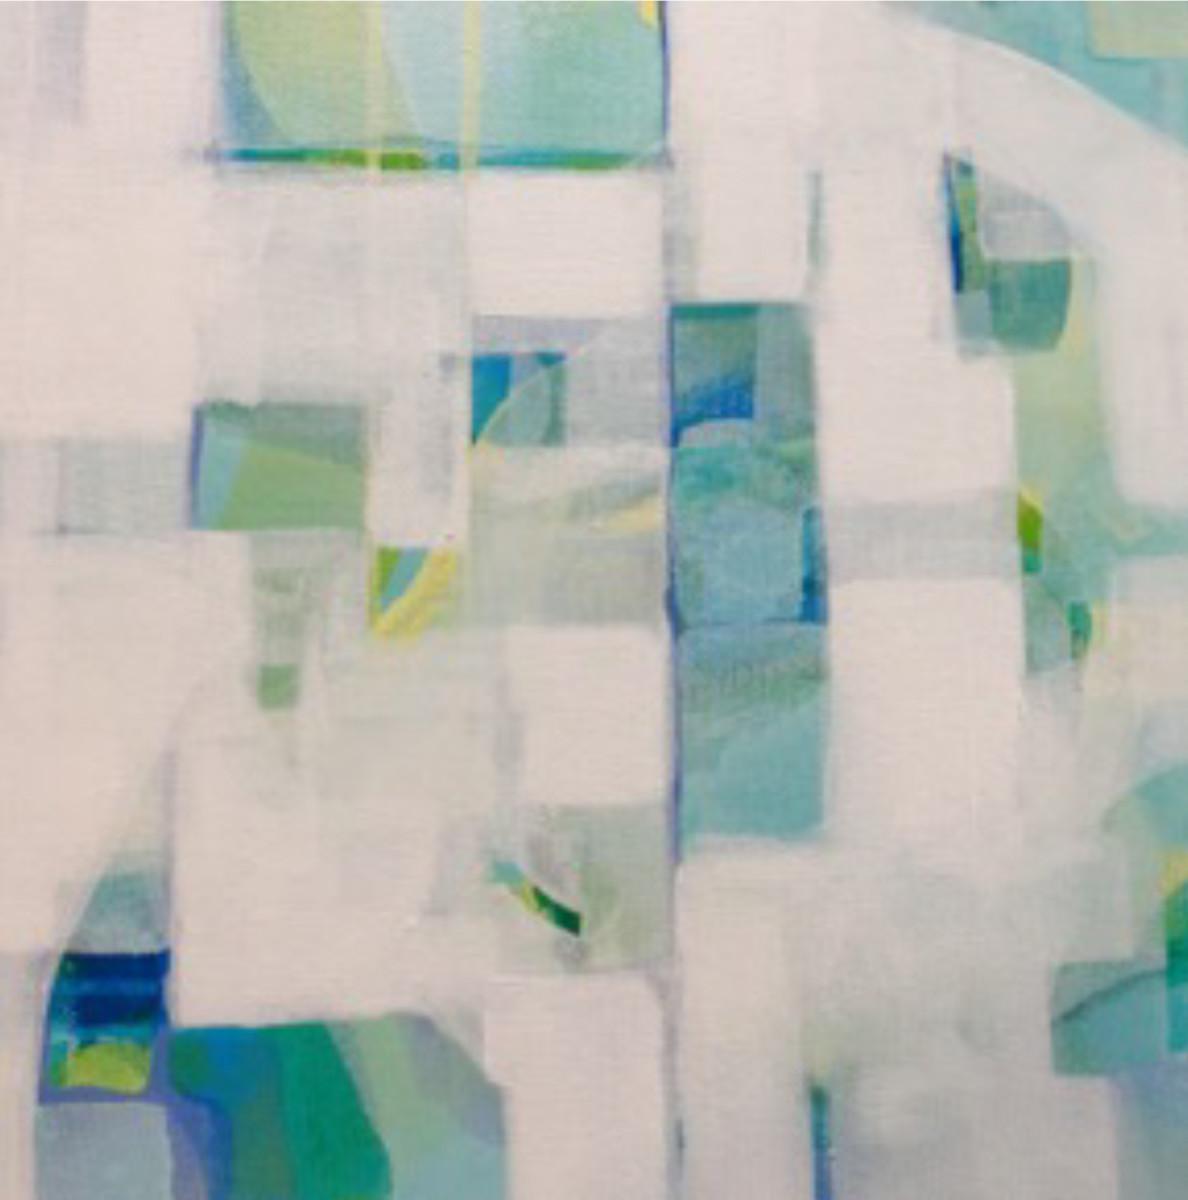 Dreaming Mini #5 by Beth Munro